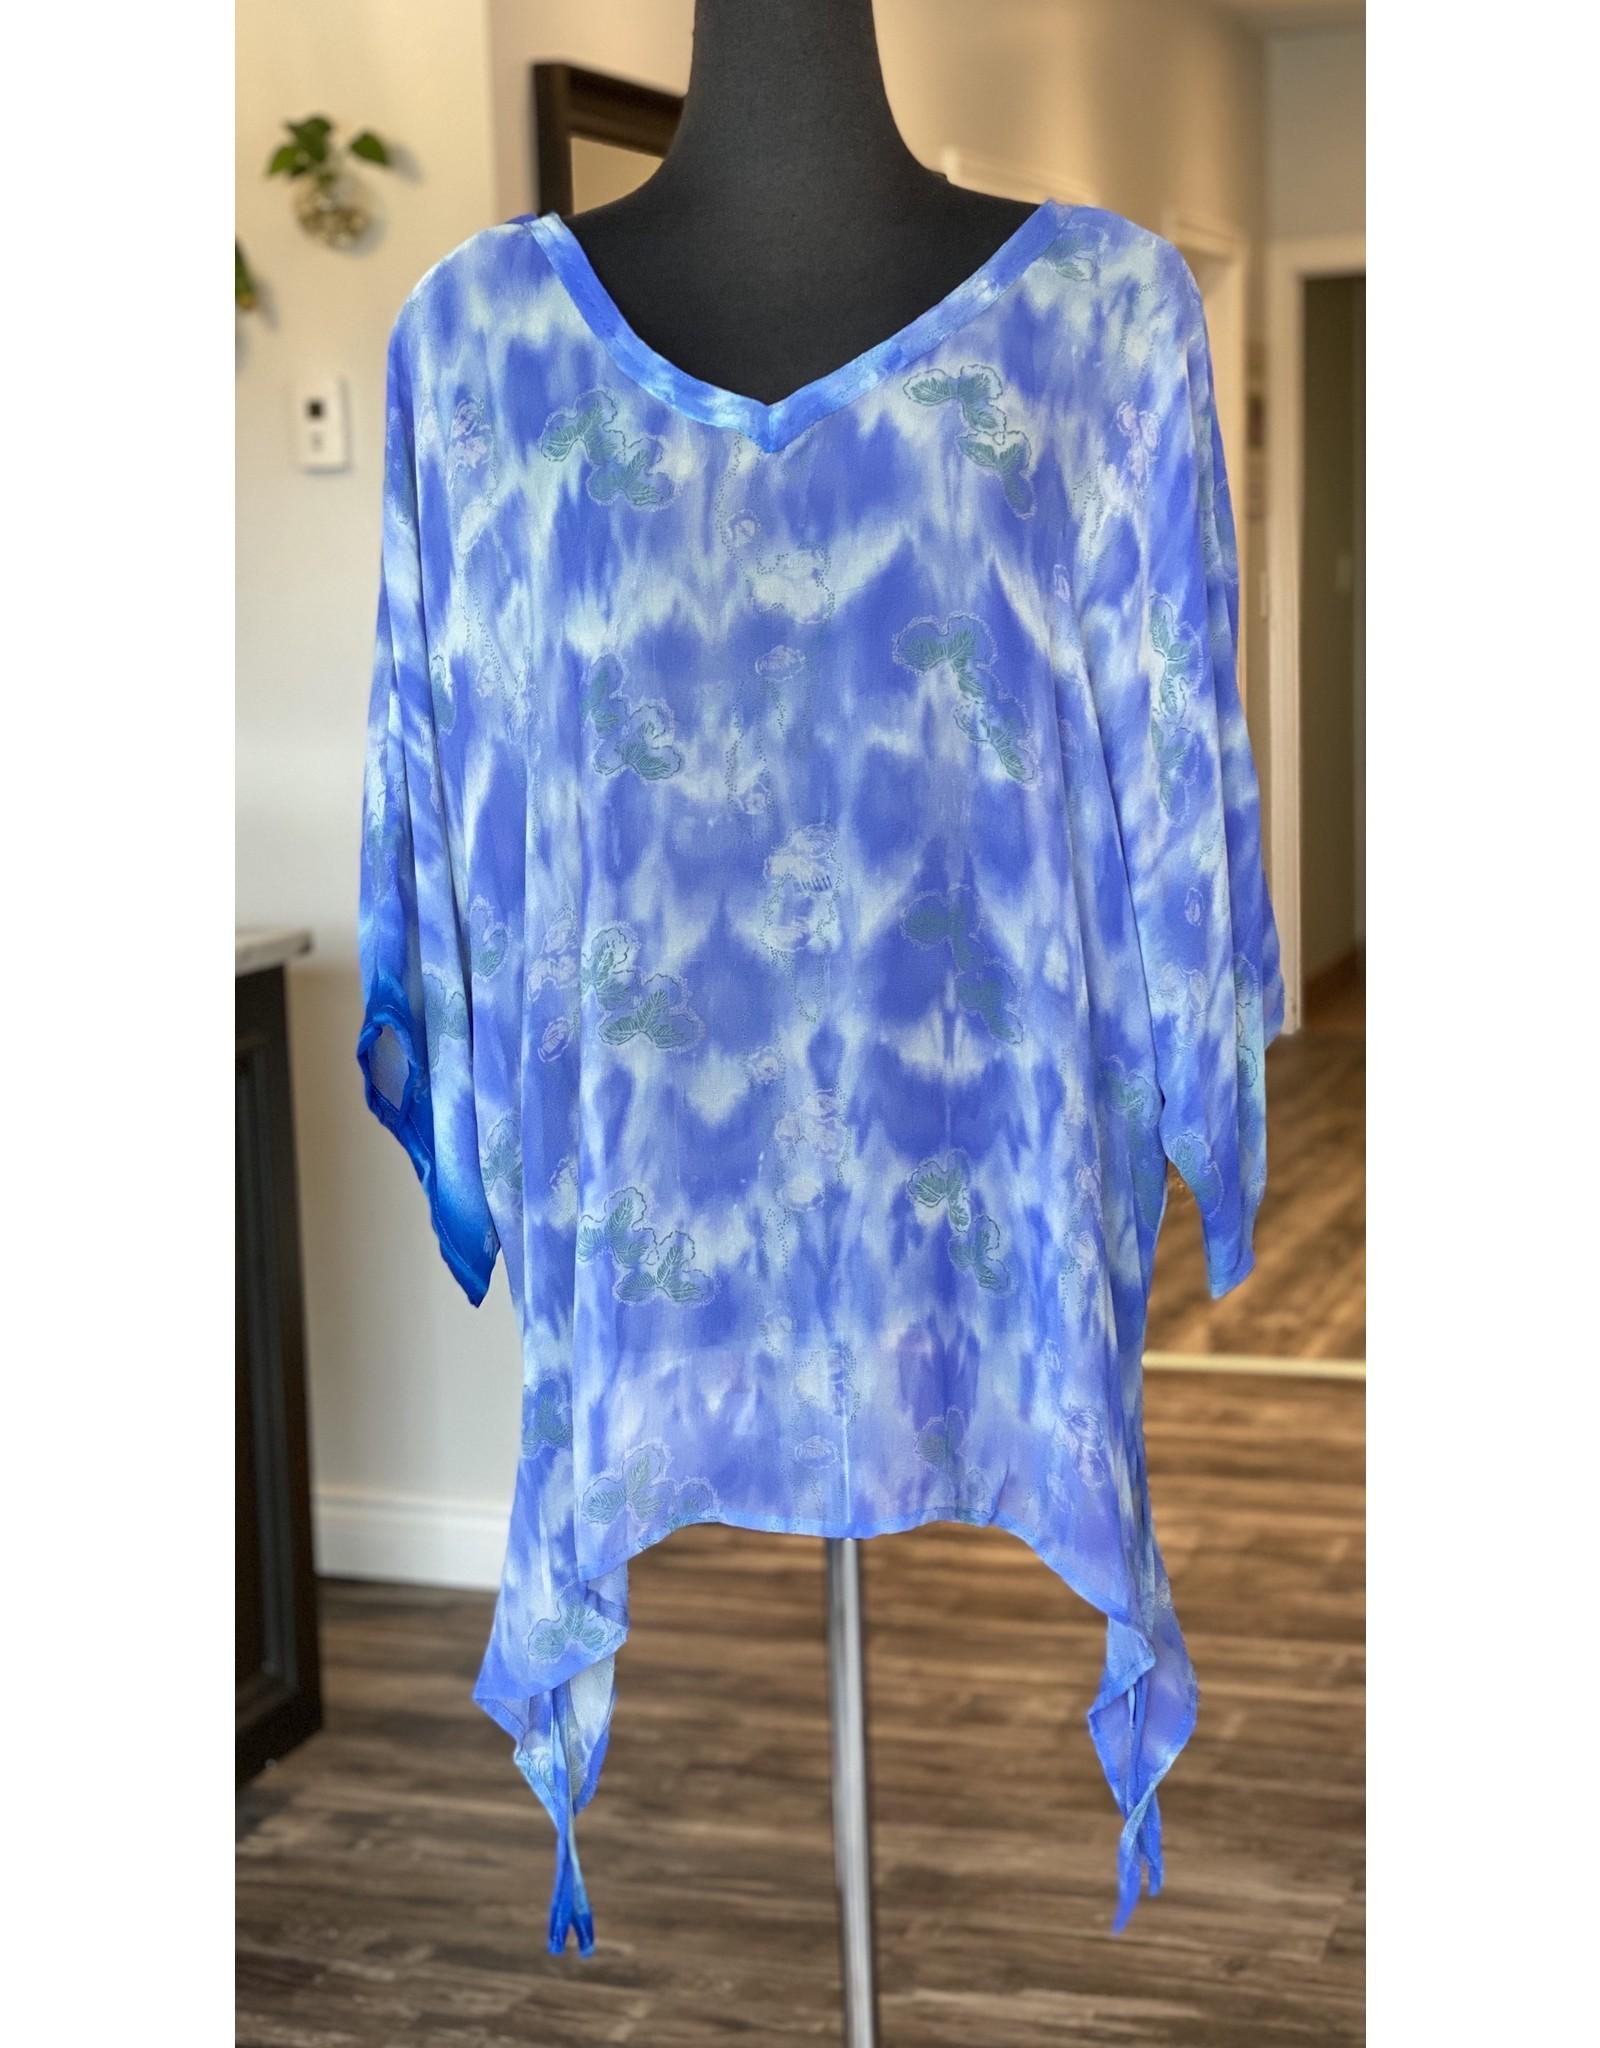 SariKNOTsari Silk Sari- Oversized Shirt 7